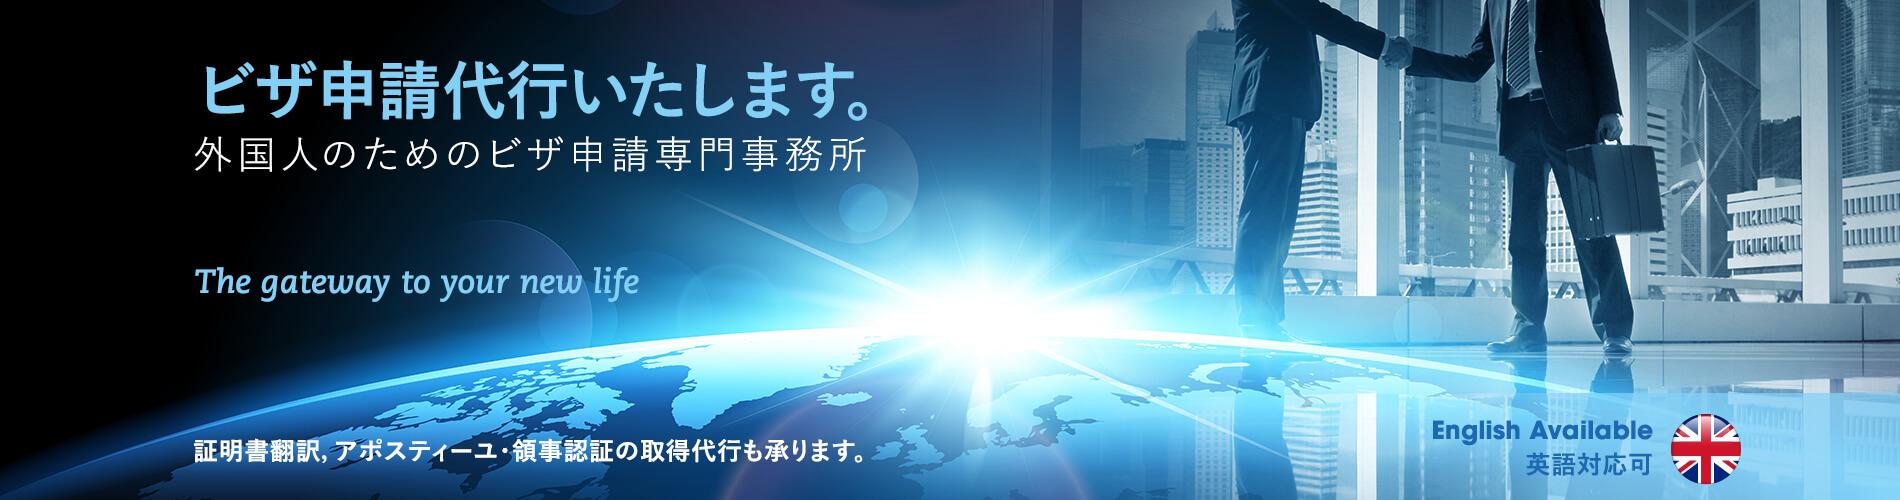 《入管ビザ専門》YIS 矢澤行政書士事務所